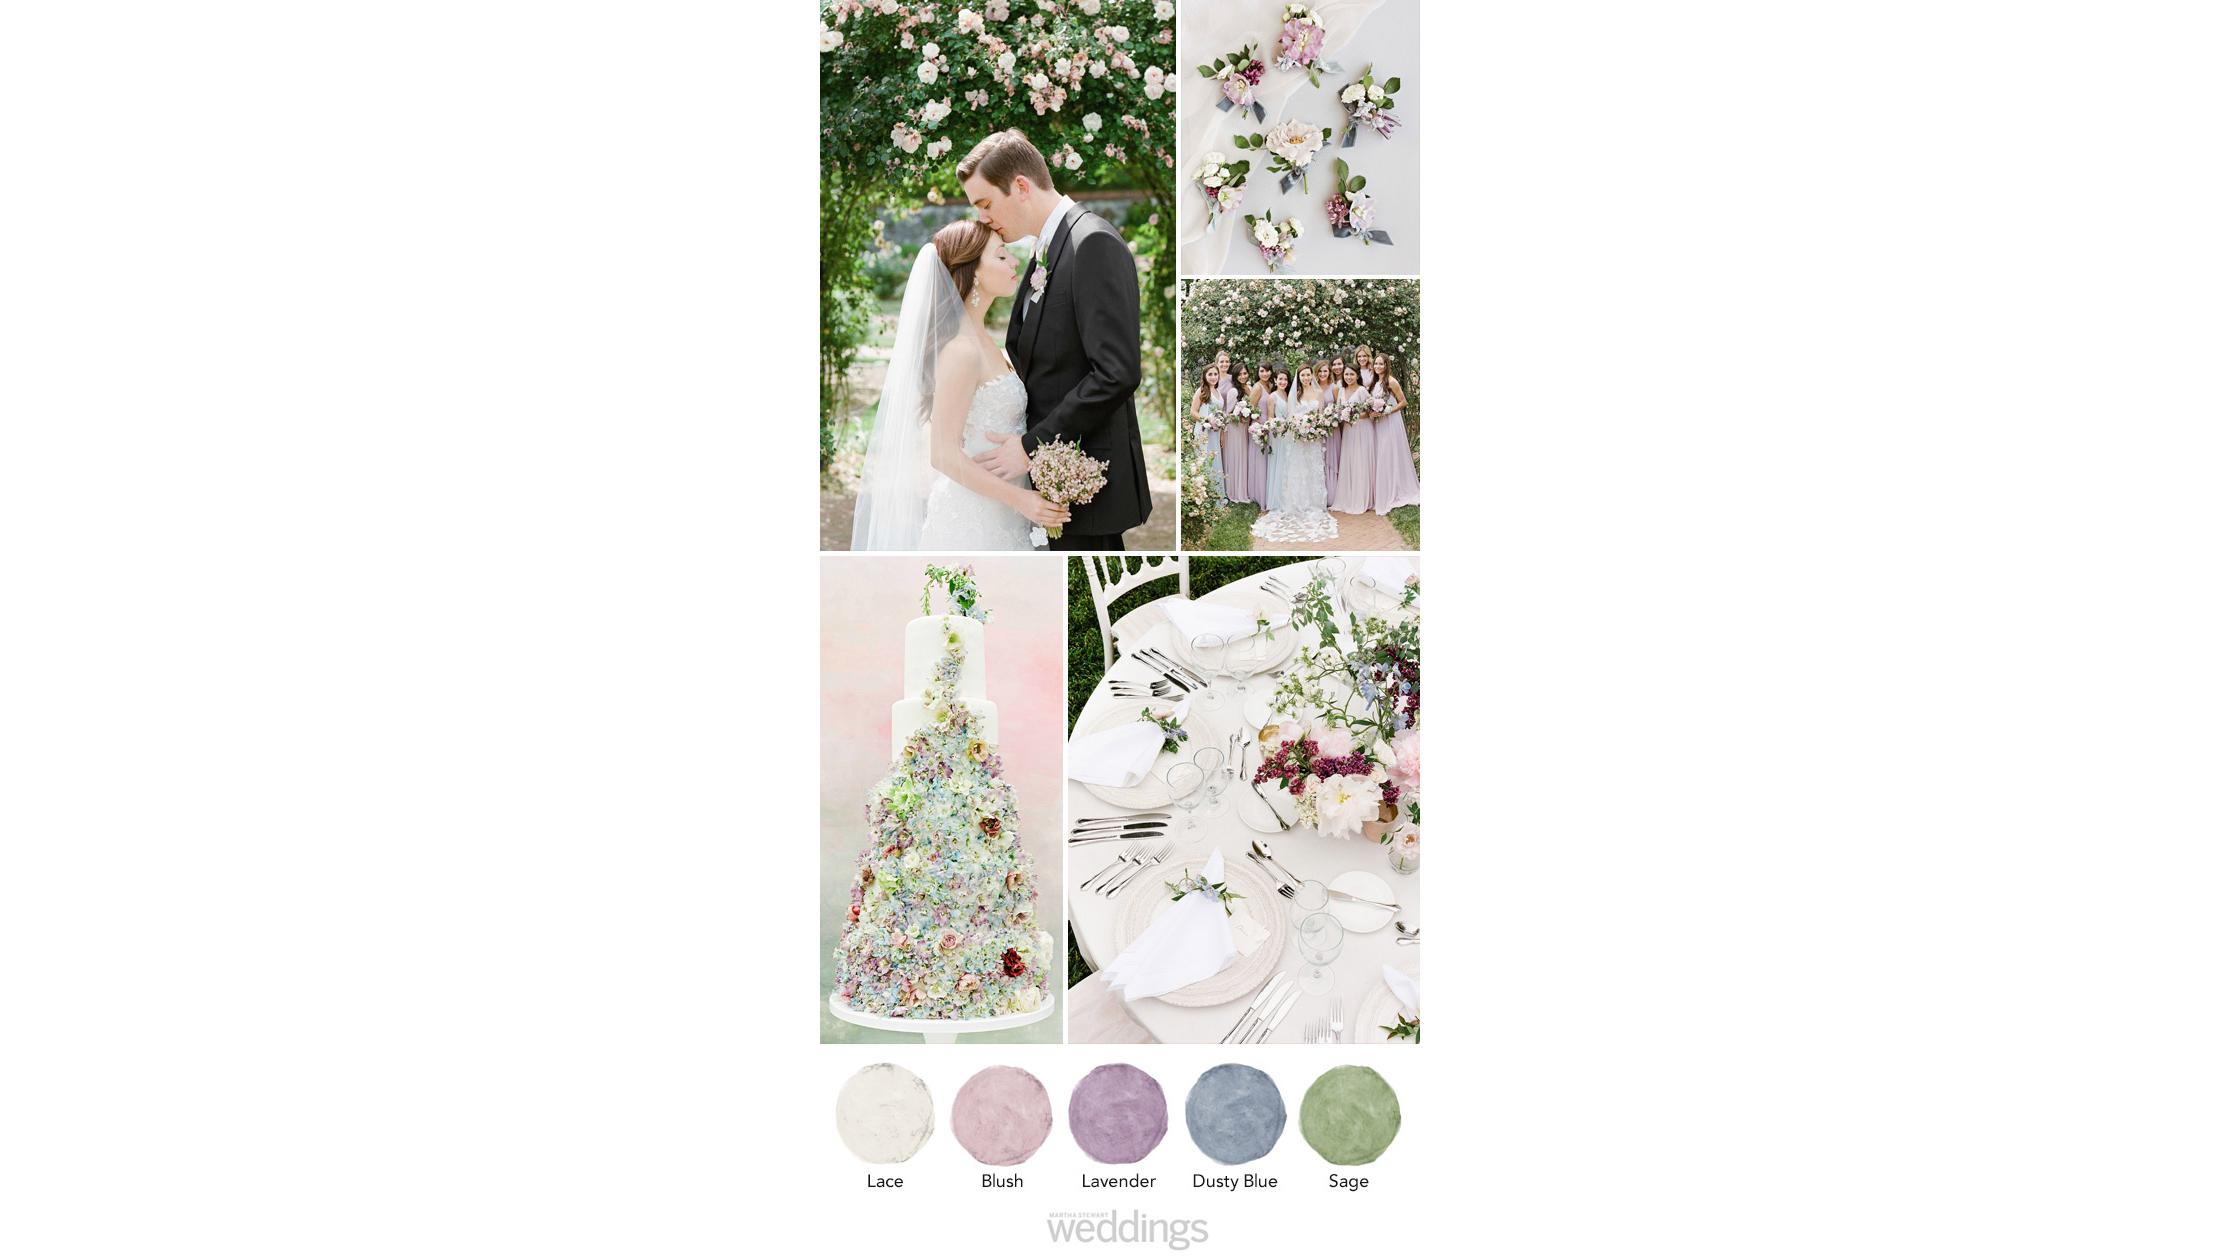 lavender wedding color palette ideas